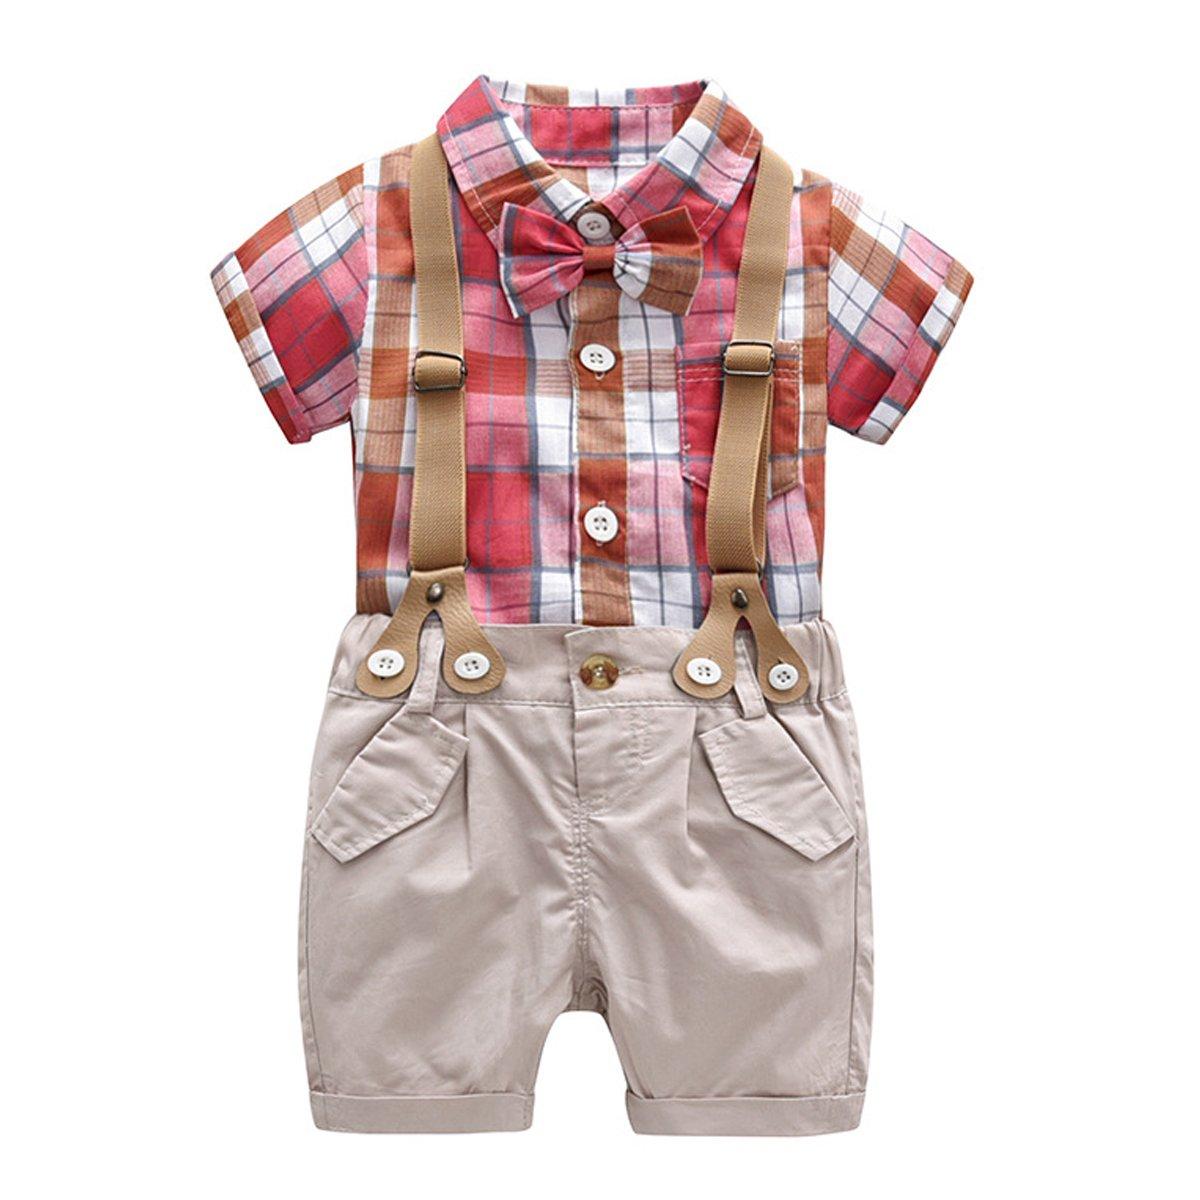 Bebone baby Junge Bekleidung Kinder Smokings Taufe Hochzeit Anzüge